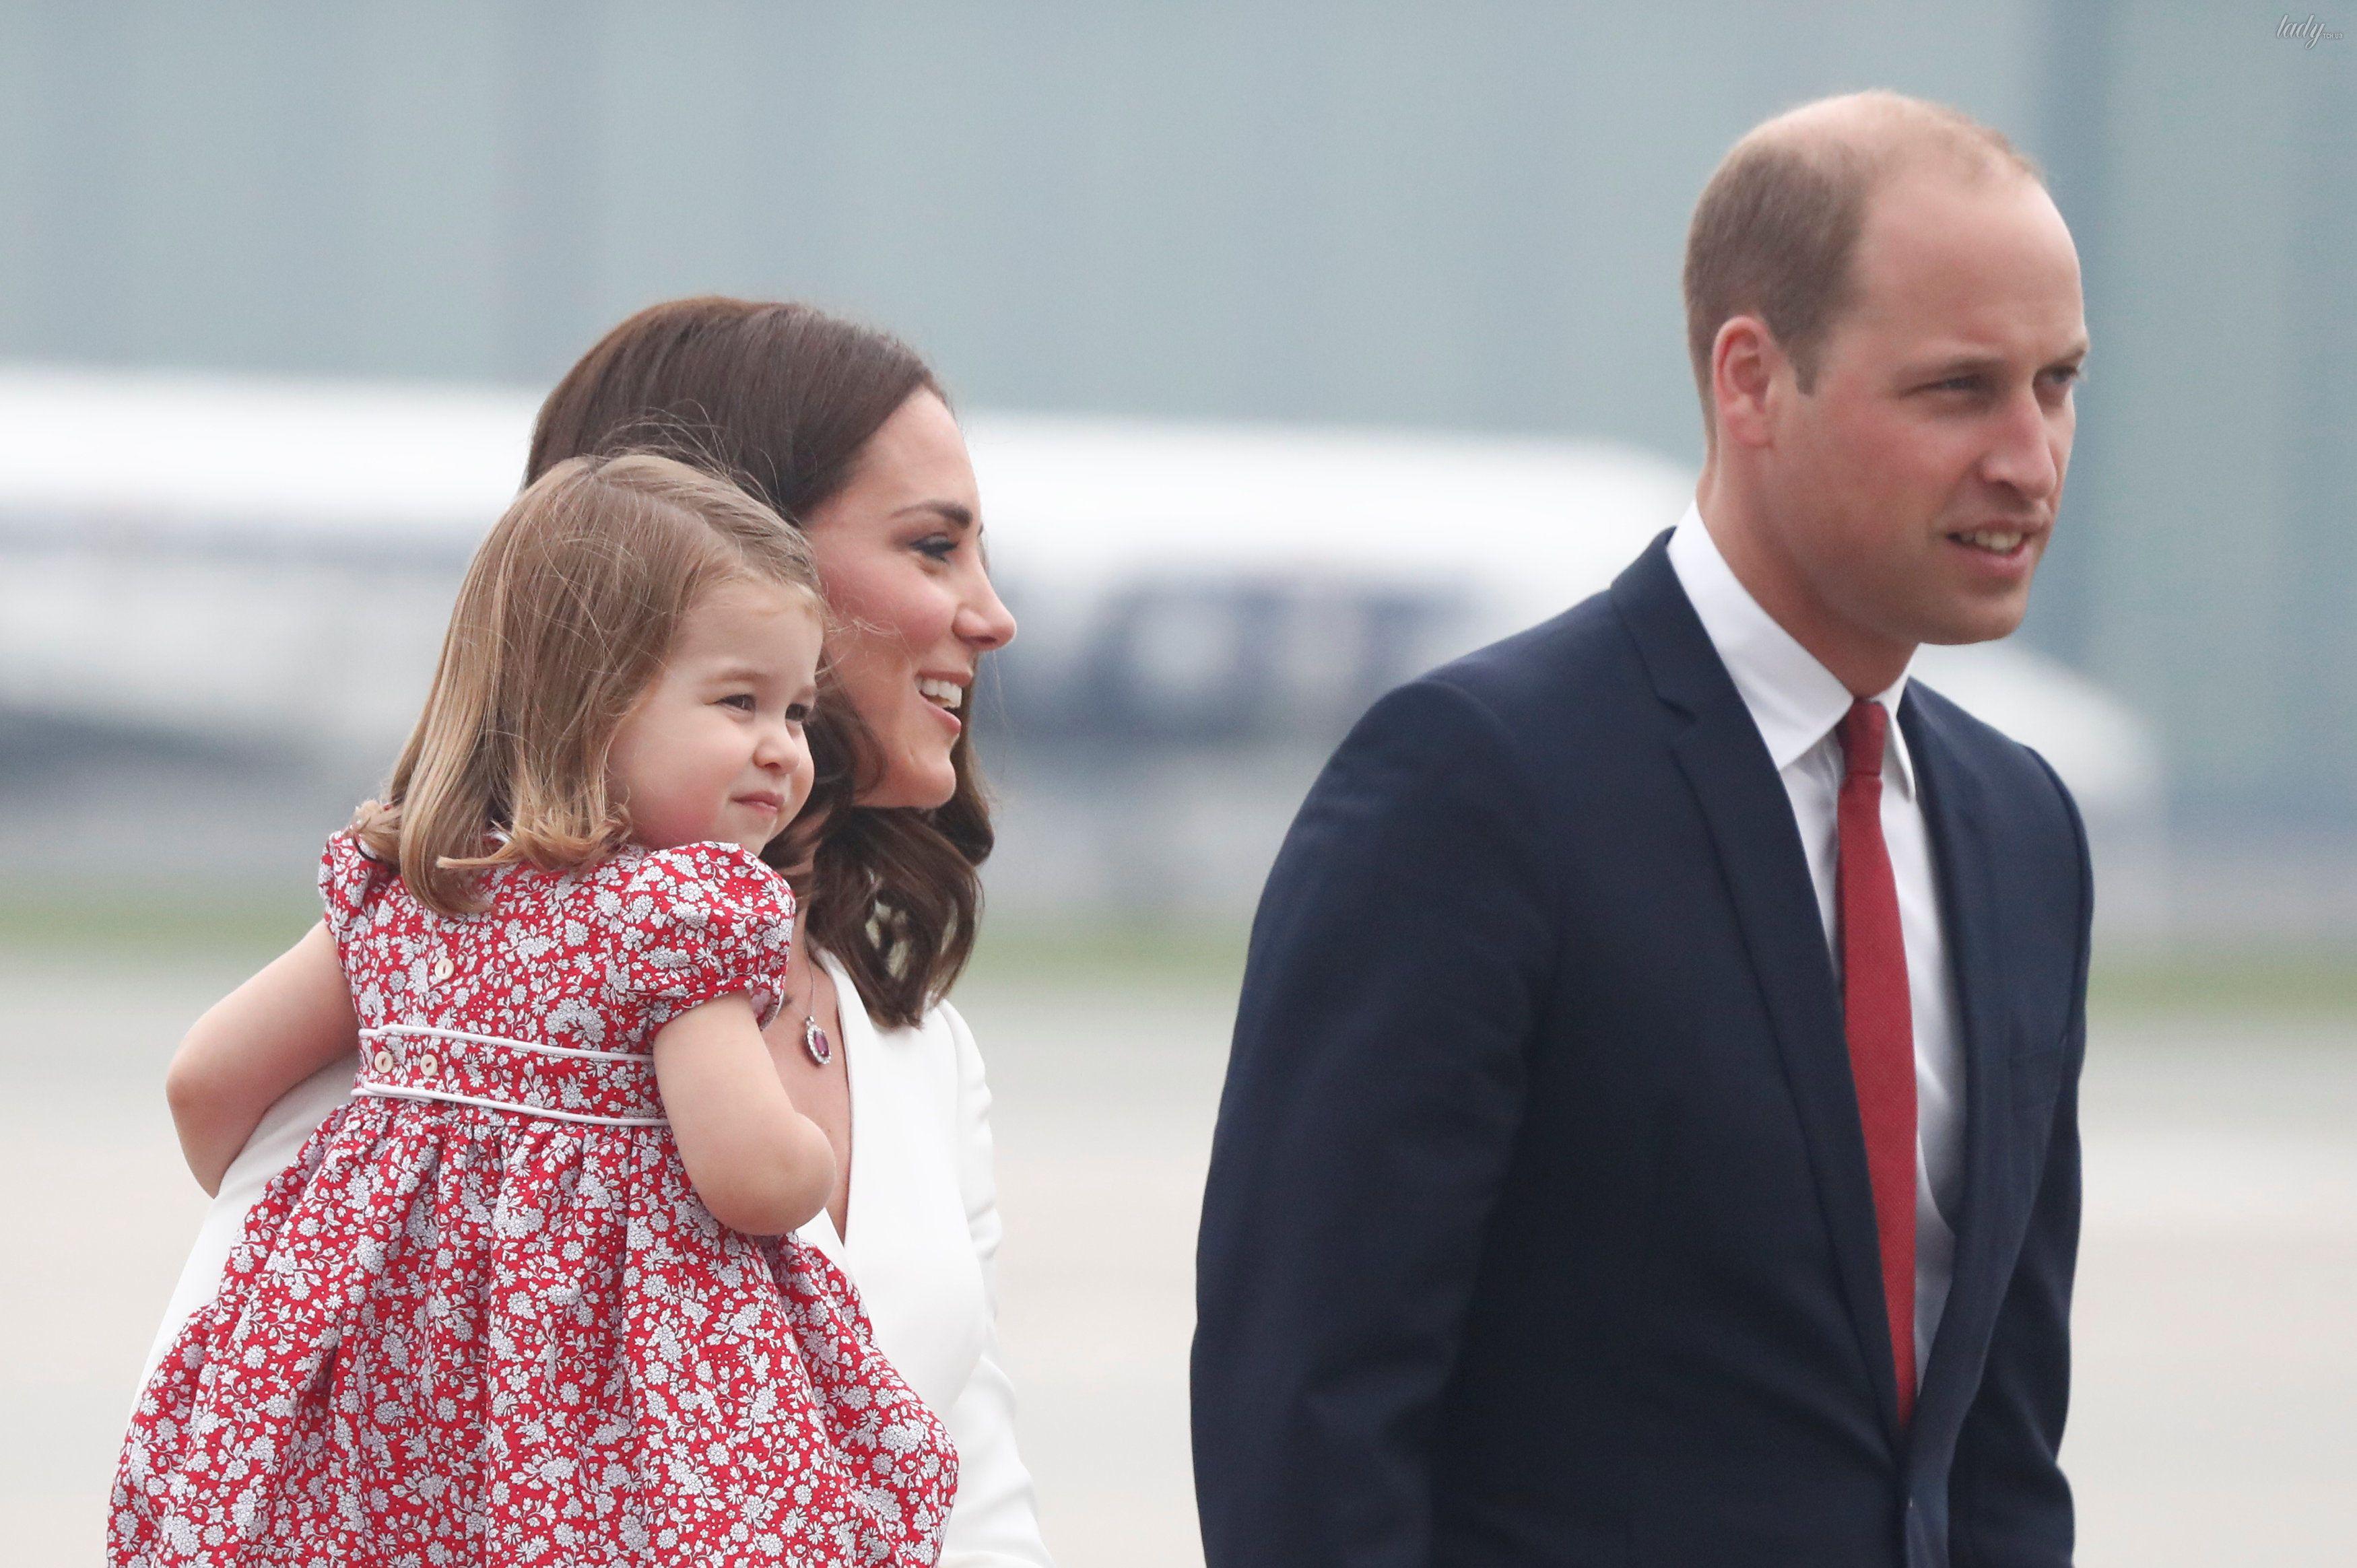 Принц Уильям, герцогиня Кембриджская, принц Джордж и принцесса Шарлотта прибыли в военный аэропорт в Варшаве_7